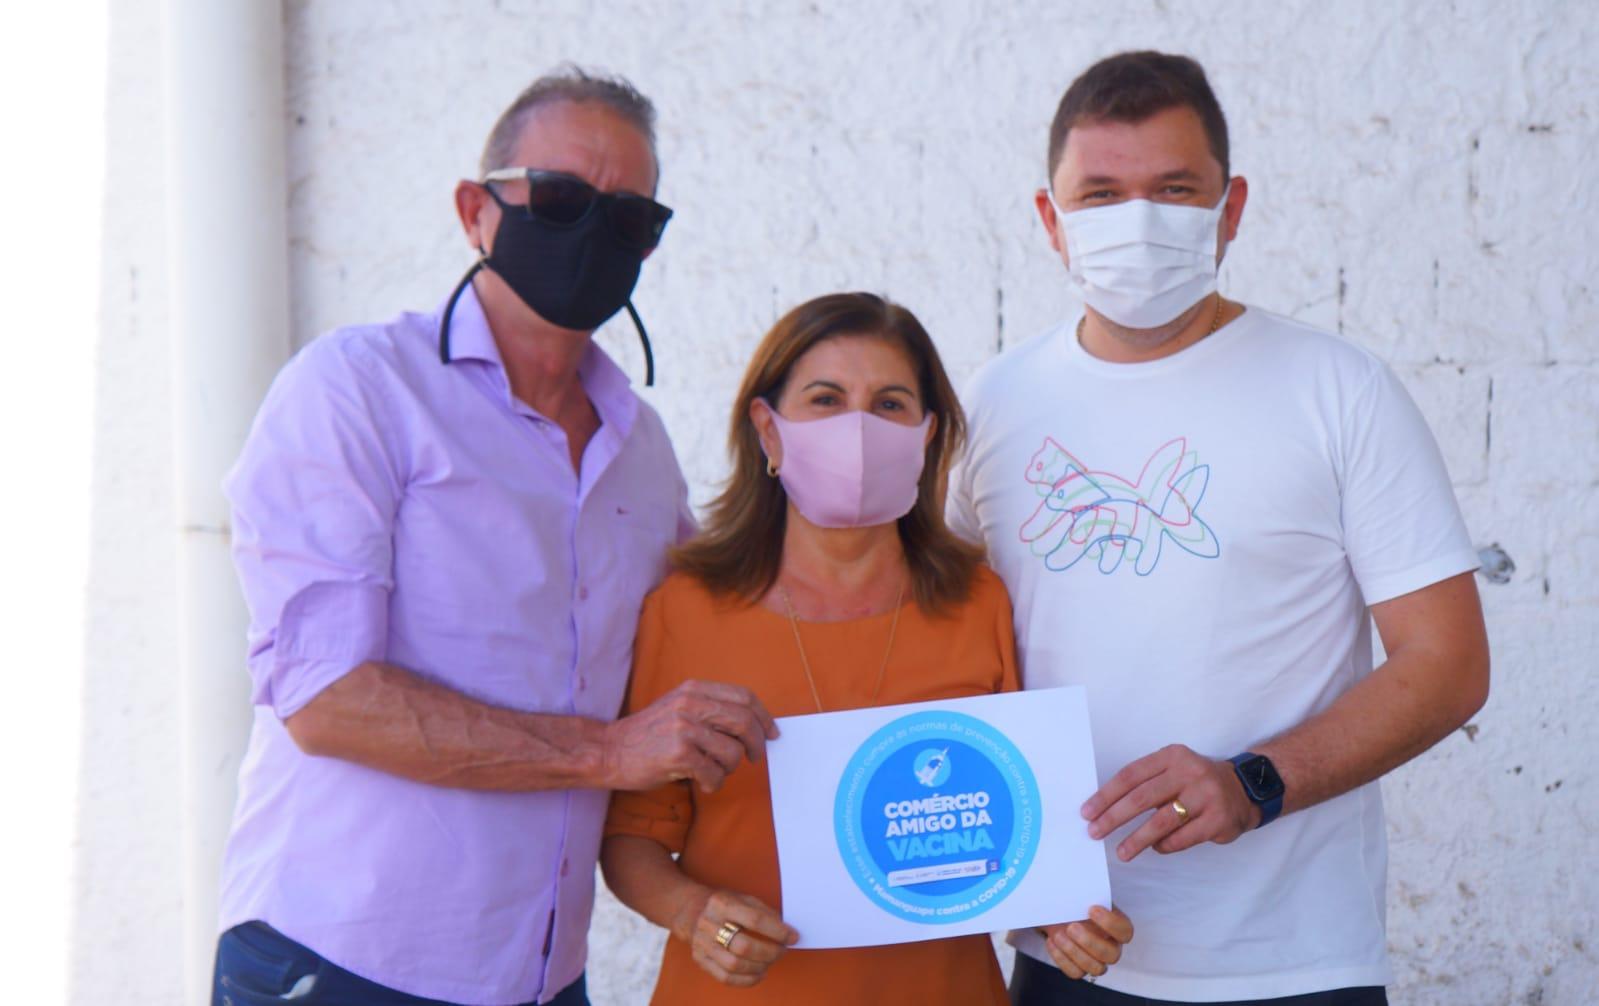 Selo Amigo da Vacina: Prefeita Eunice lança campanha para comércio local